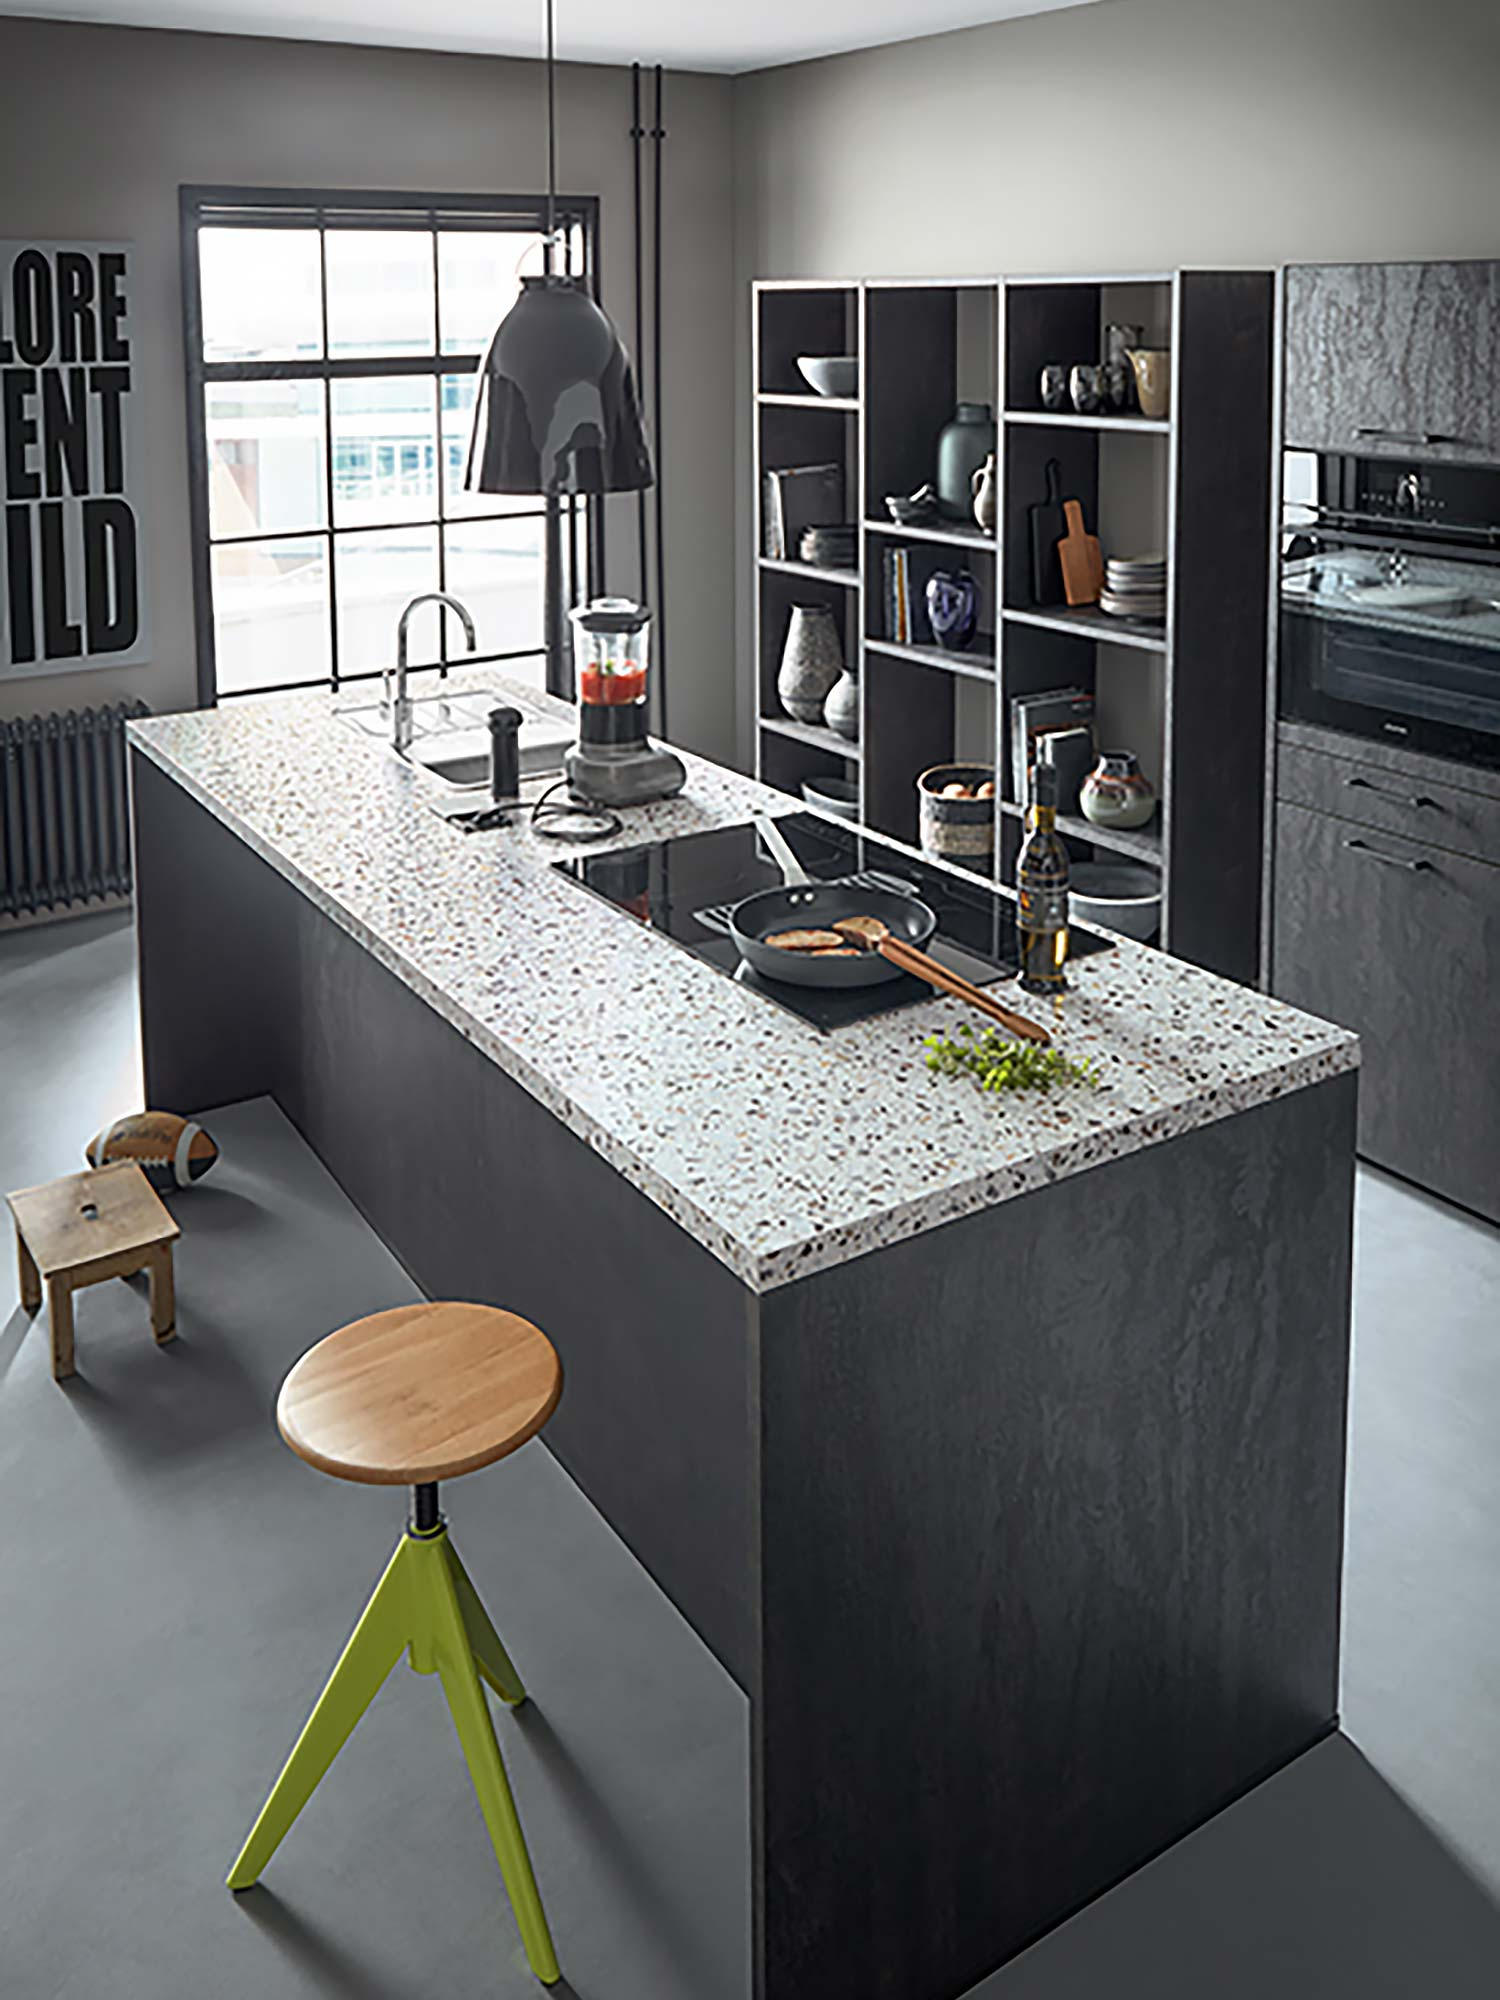 Laminate kitchen worktop